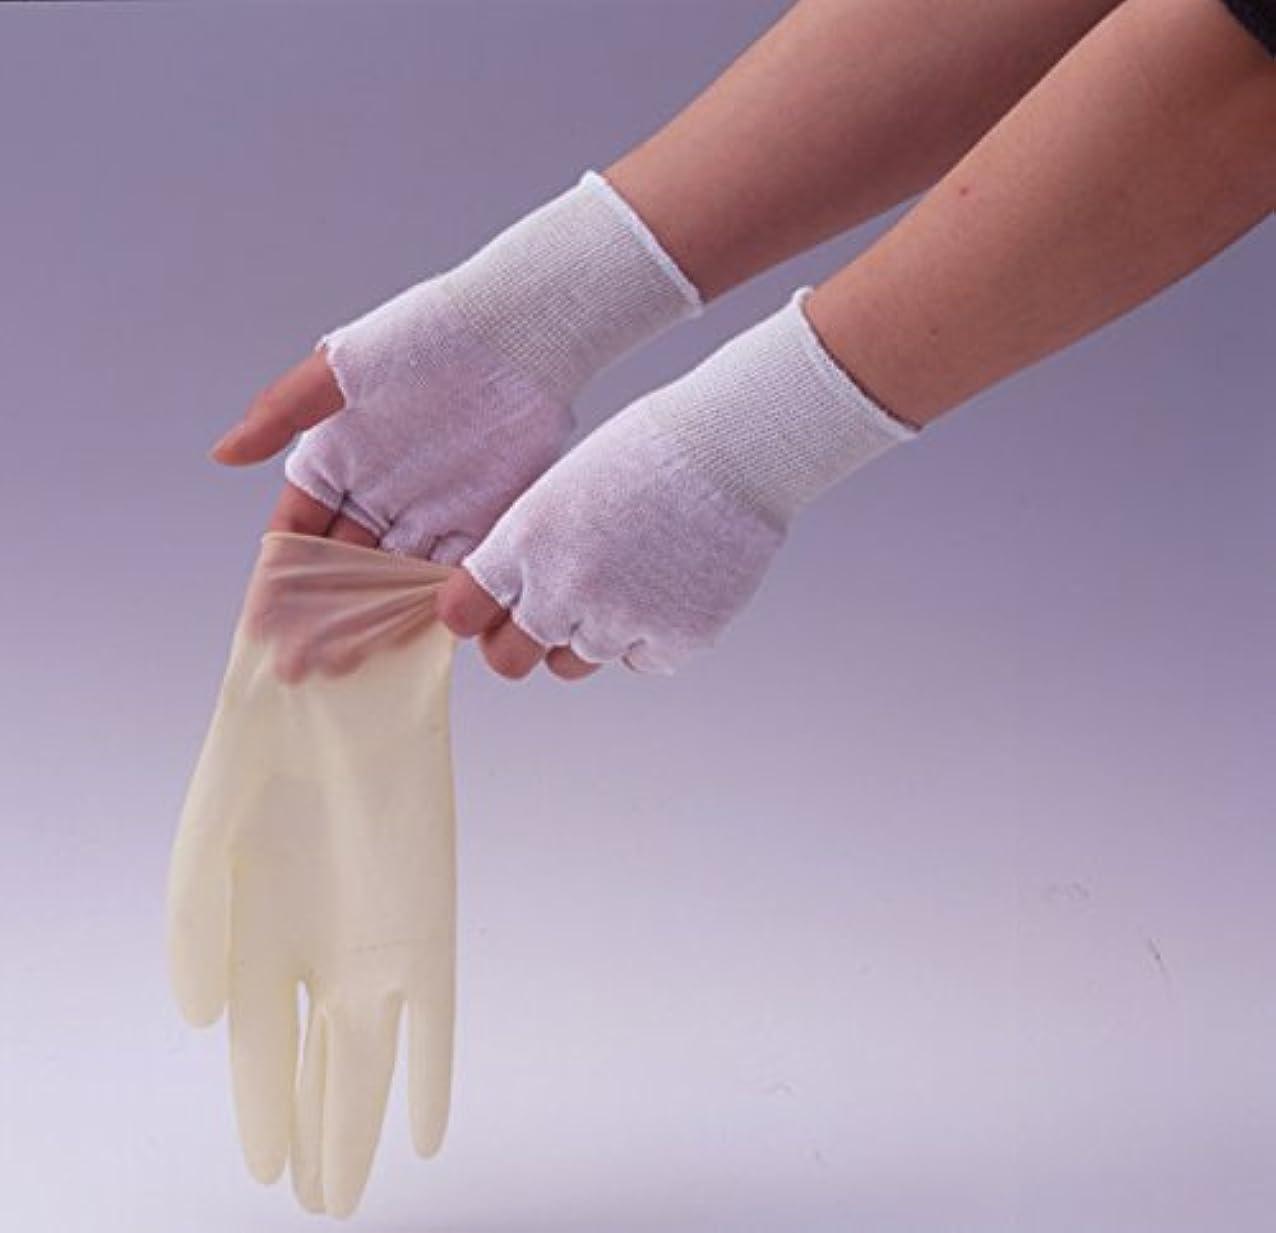 クール単に派手やさしインナー手袋 (綿100%指なし) 200組/カートン 激安業務用パック